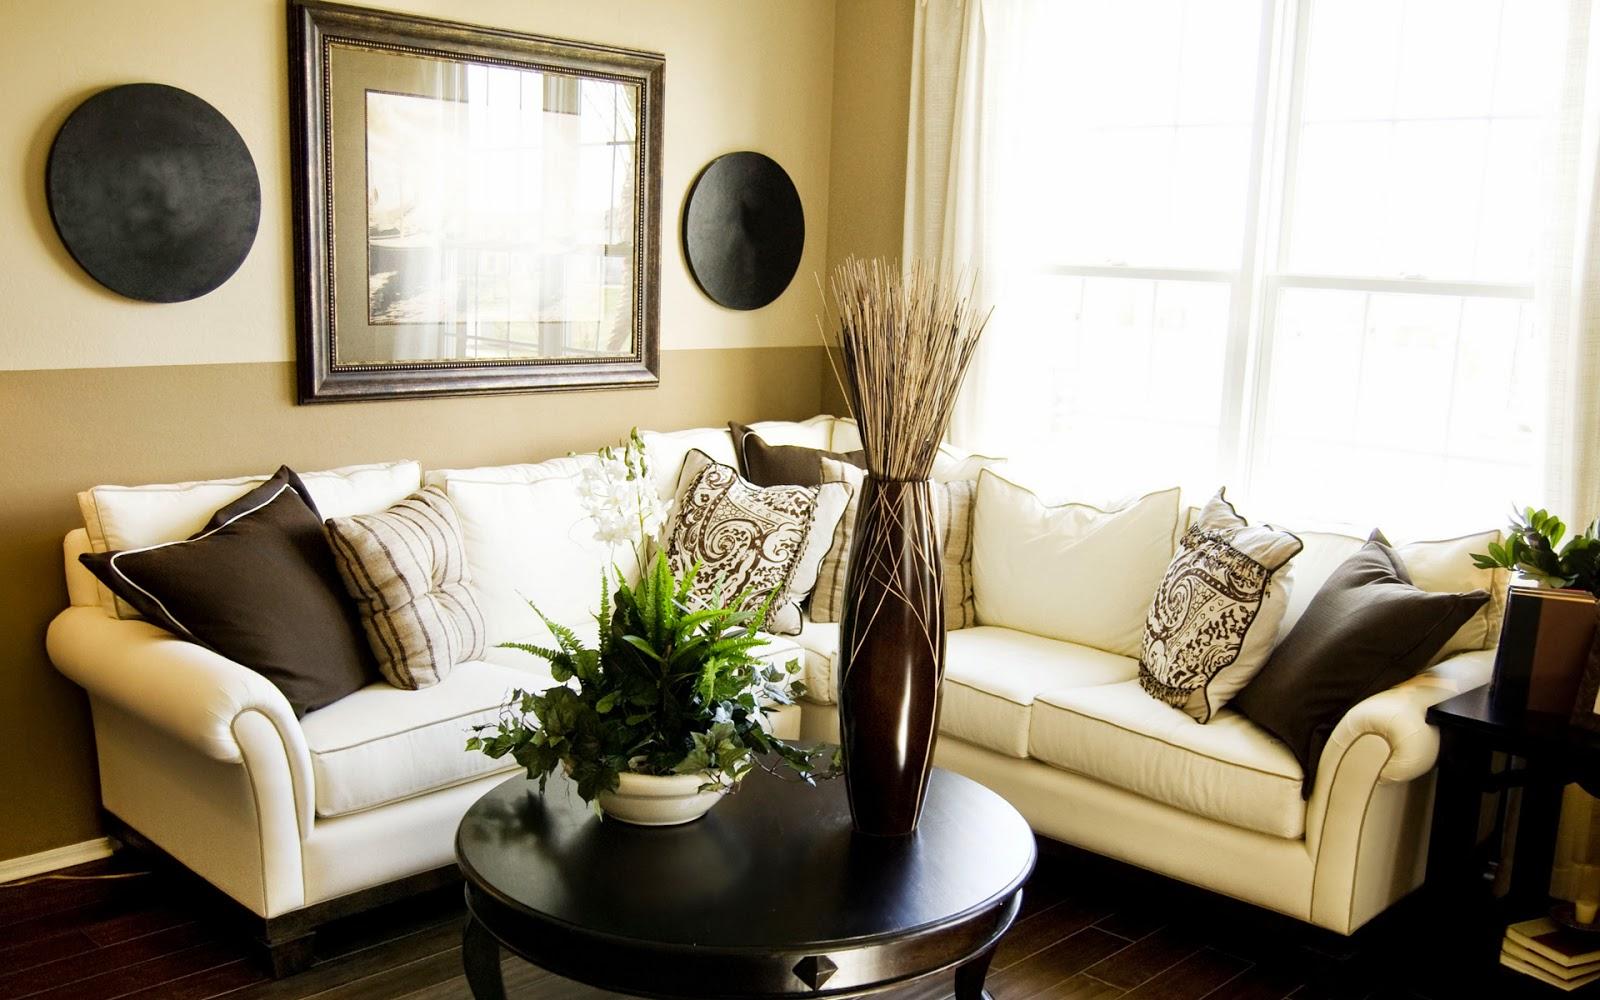 & 45 Gambar Hiasan Dinding Ruang Tamu | Desainrumahnya.com